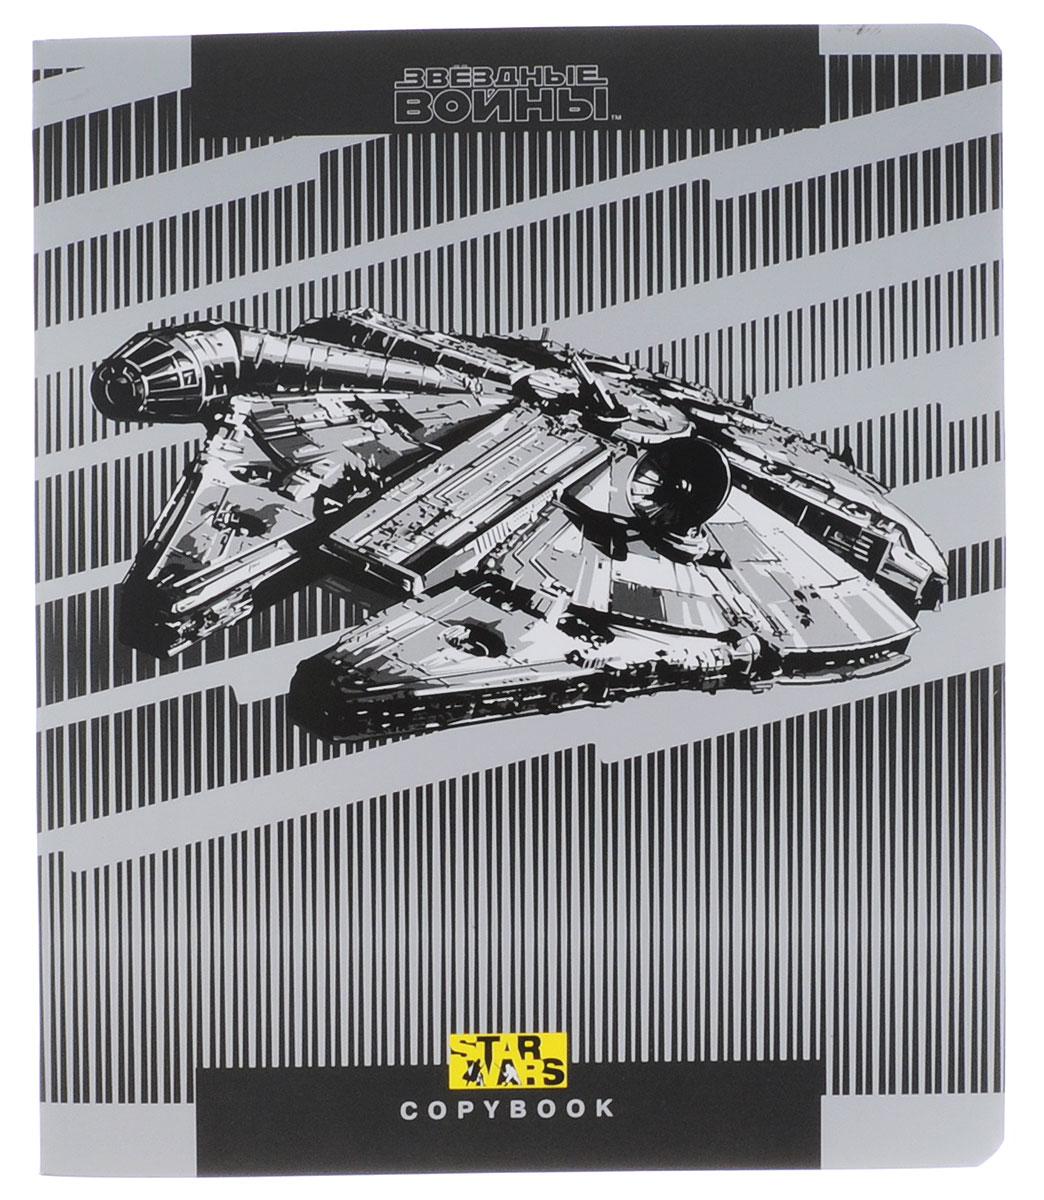 Star Wars Тетрадь 48 листов в клетку дизайн 172523WDТетрадь Star Wars отлично подойдет для занятий школьнику, студенту, а также для различных записей. Обложка, выполненная из ламинированного картона, оформлена изображением космического корабля из культовой фантастической саги Звездные войны. Внутренний блок тетради, соединенный двумя металлическими скрепками, состоит из 48 листов белой бумаги. Стандартная линовка в клетку голубого цвета дополнена полями, совпадающими с лицевой и оборотной стороны листа.